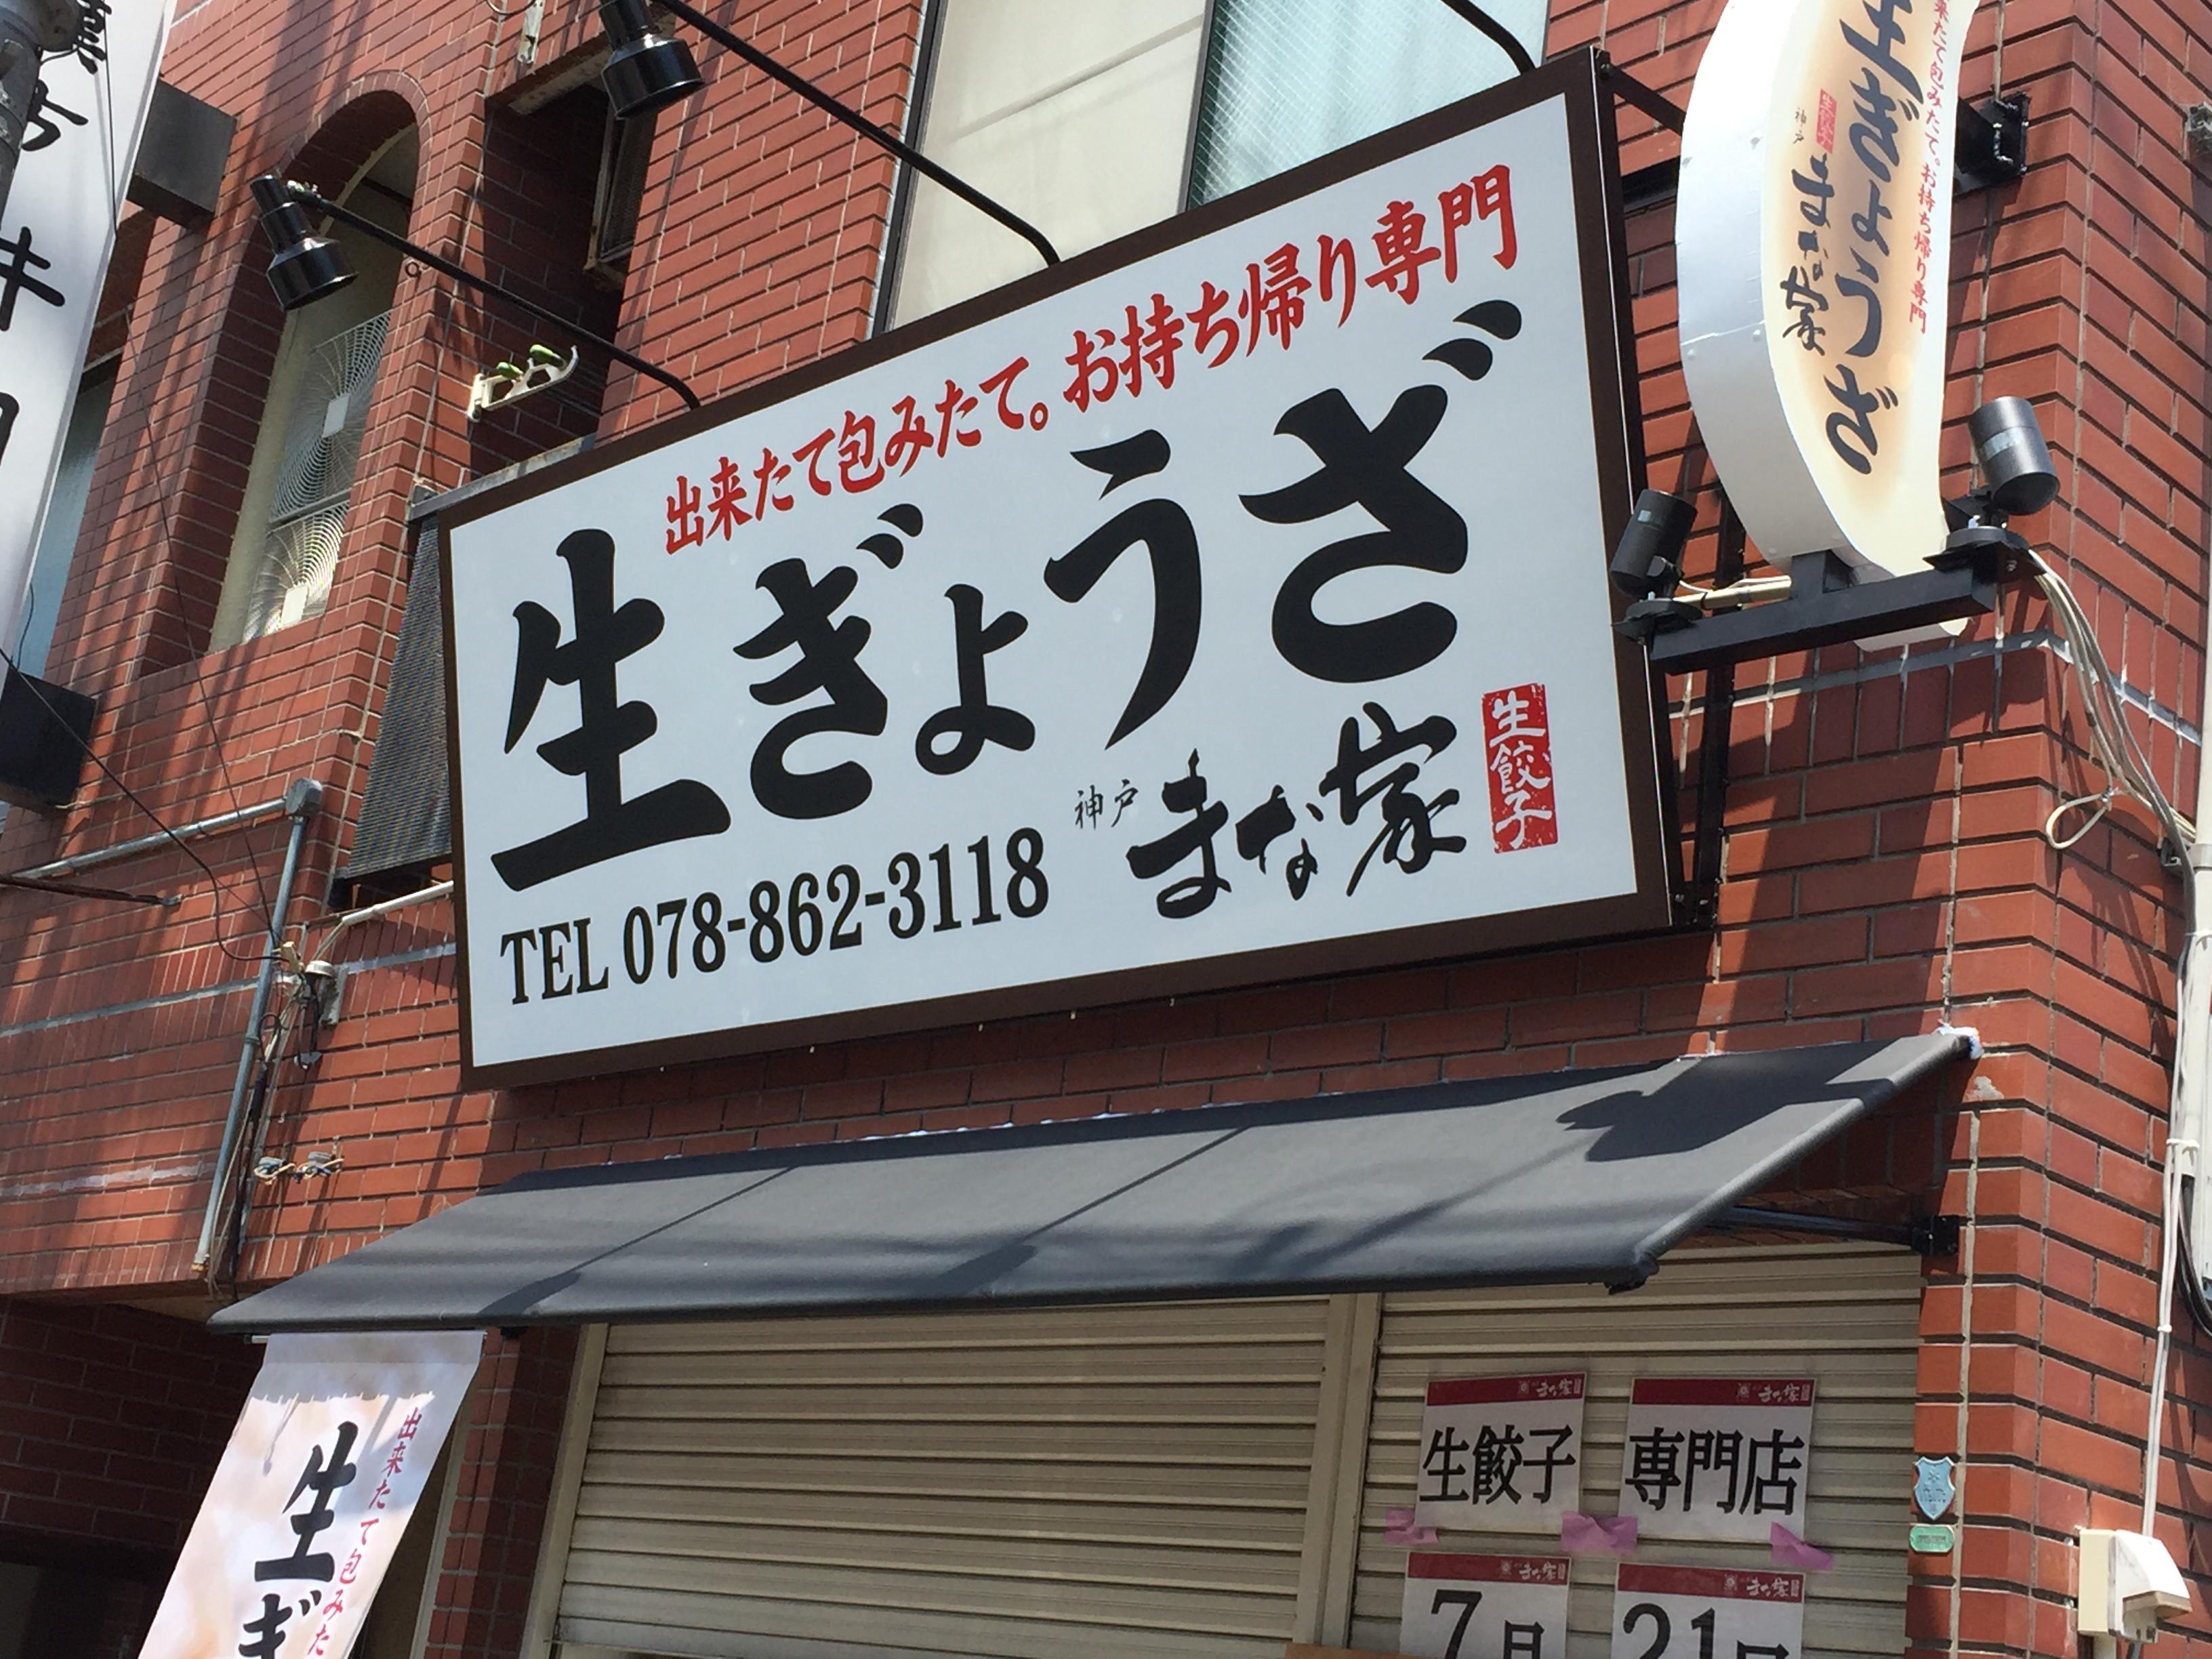 神戸・本山の十二間道路沿いに生餃子の持ち帰り専門店「まな家」が7/21にオープン!【新規オープン】#生餃子